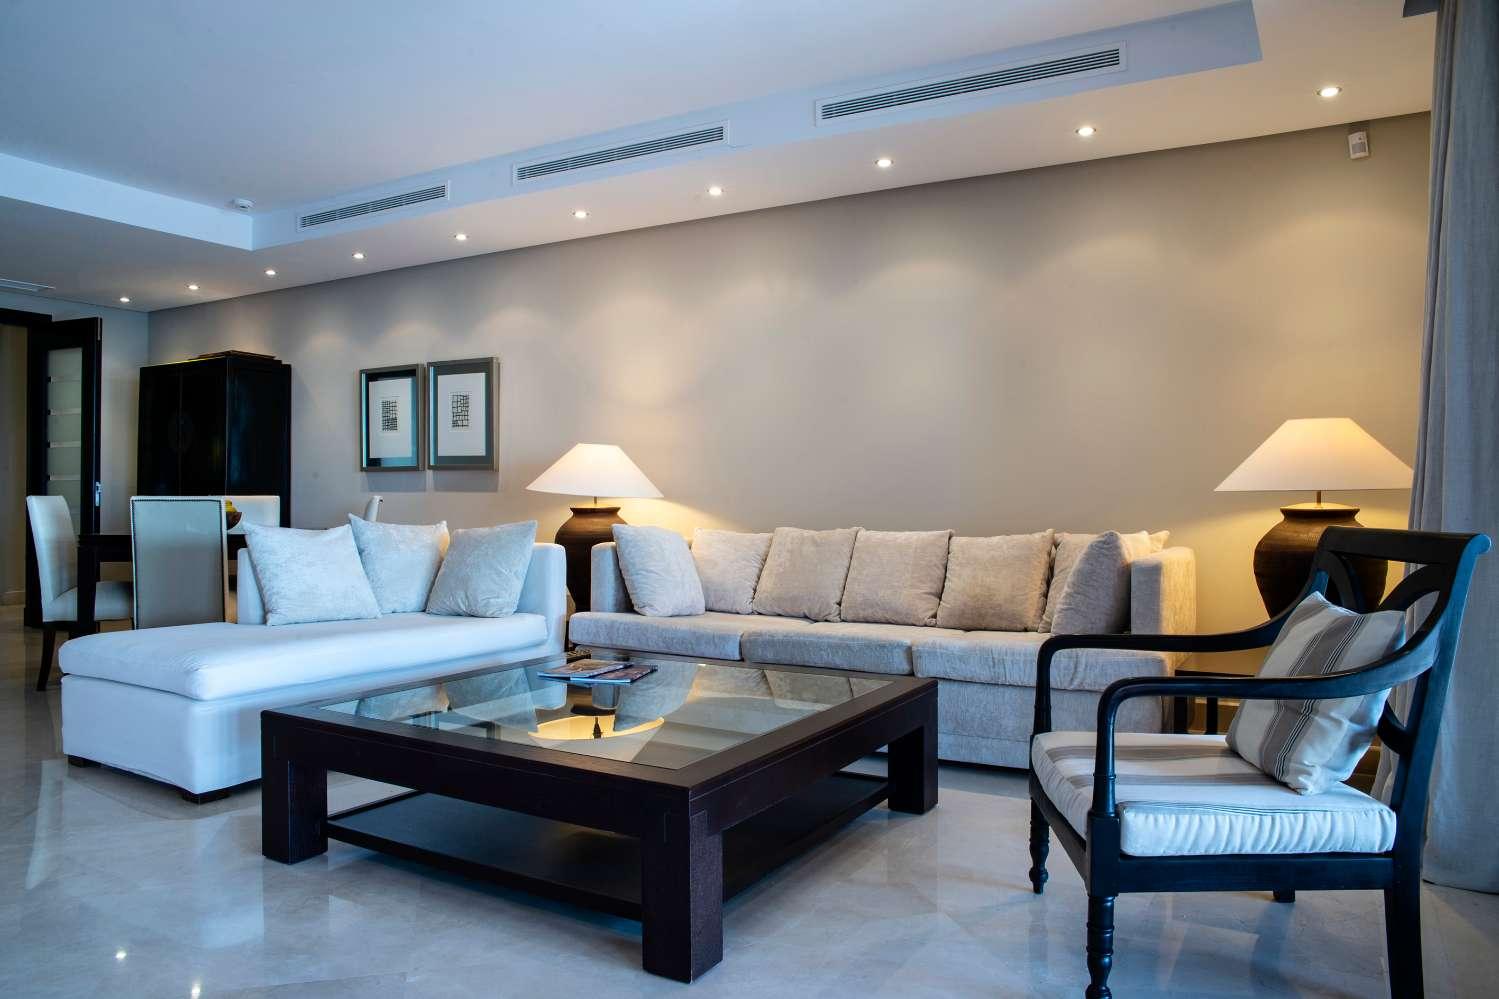 Accesso alla spiaggia, grande appartamento di 224 m2 costruito, 2 garage e 2 ripostigli. Viste assorbenti!